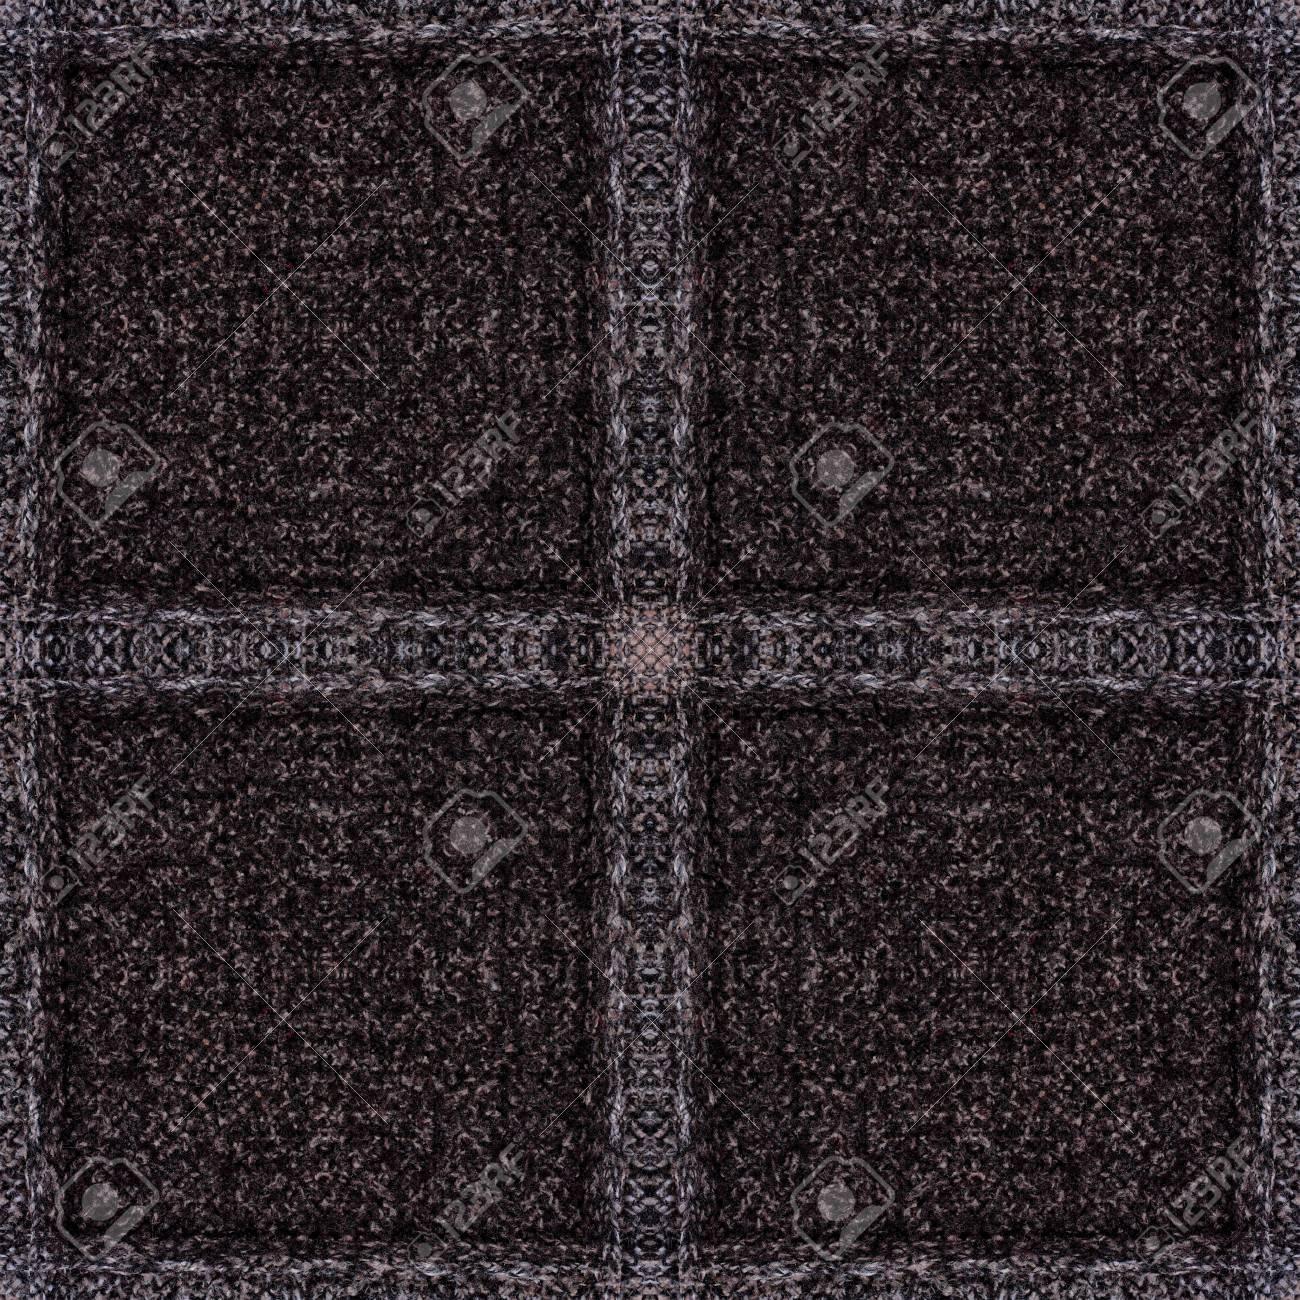 La Textura De Un Punto Abstractos Suéter Patrones Transparentes ...